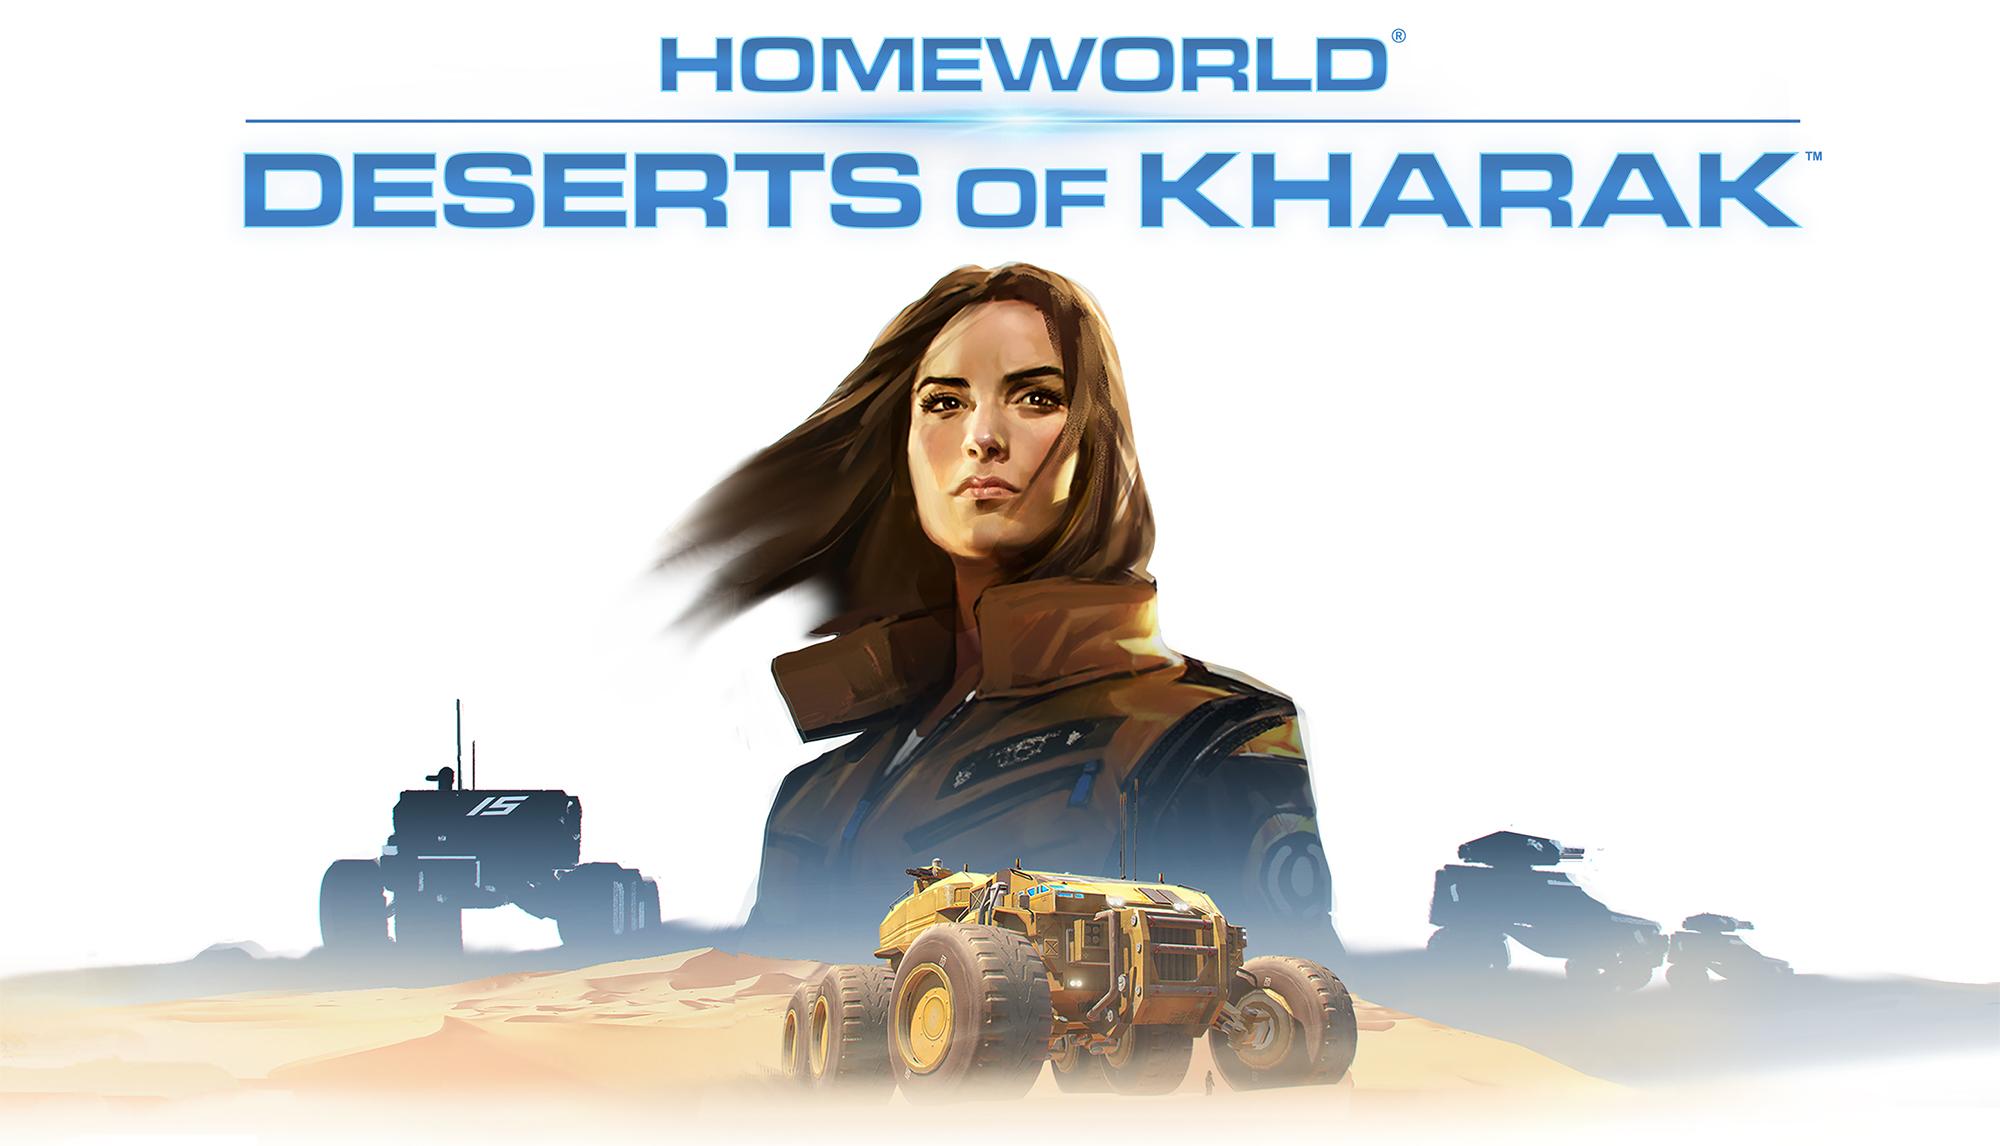 دانلود ترینر بازی HOMEWORLD: DESERTS OF KHARAK